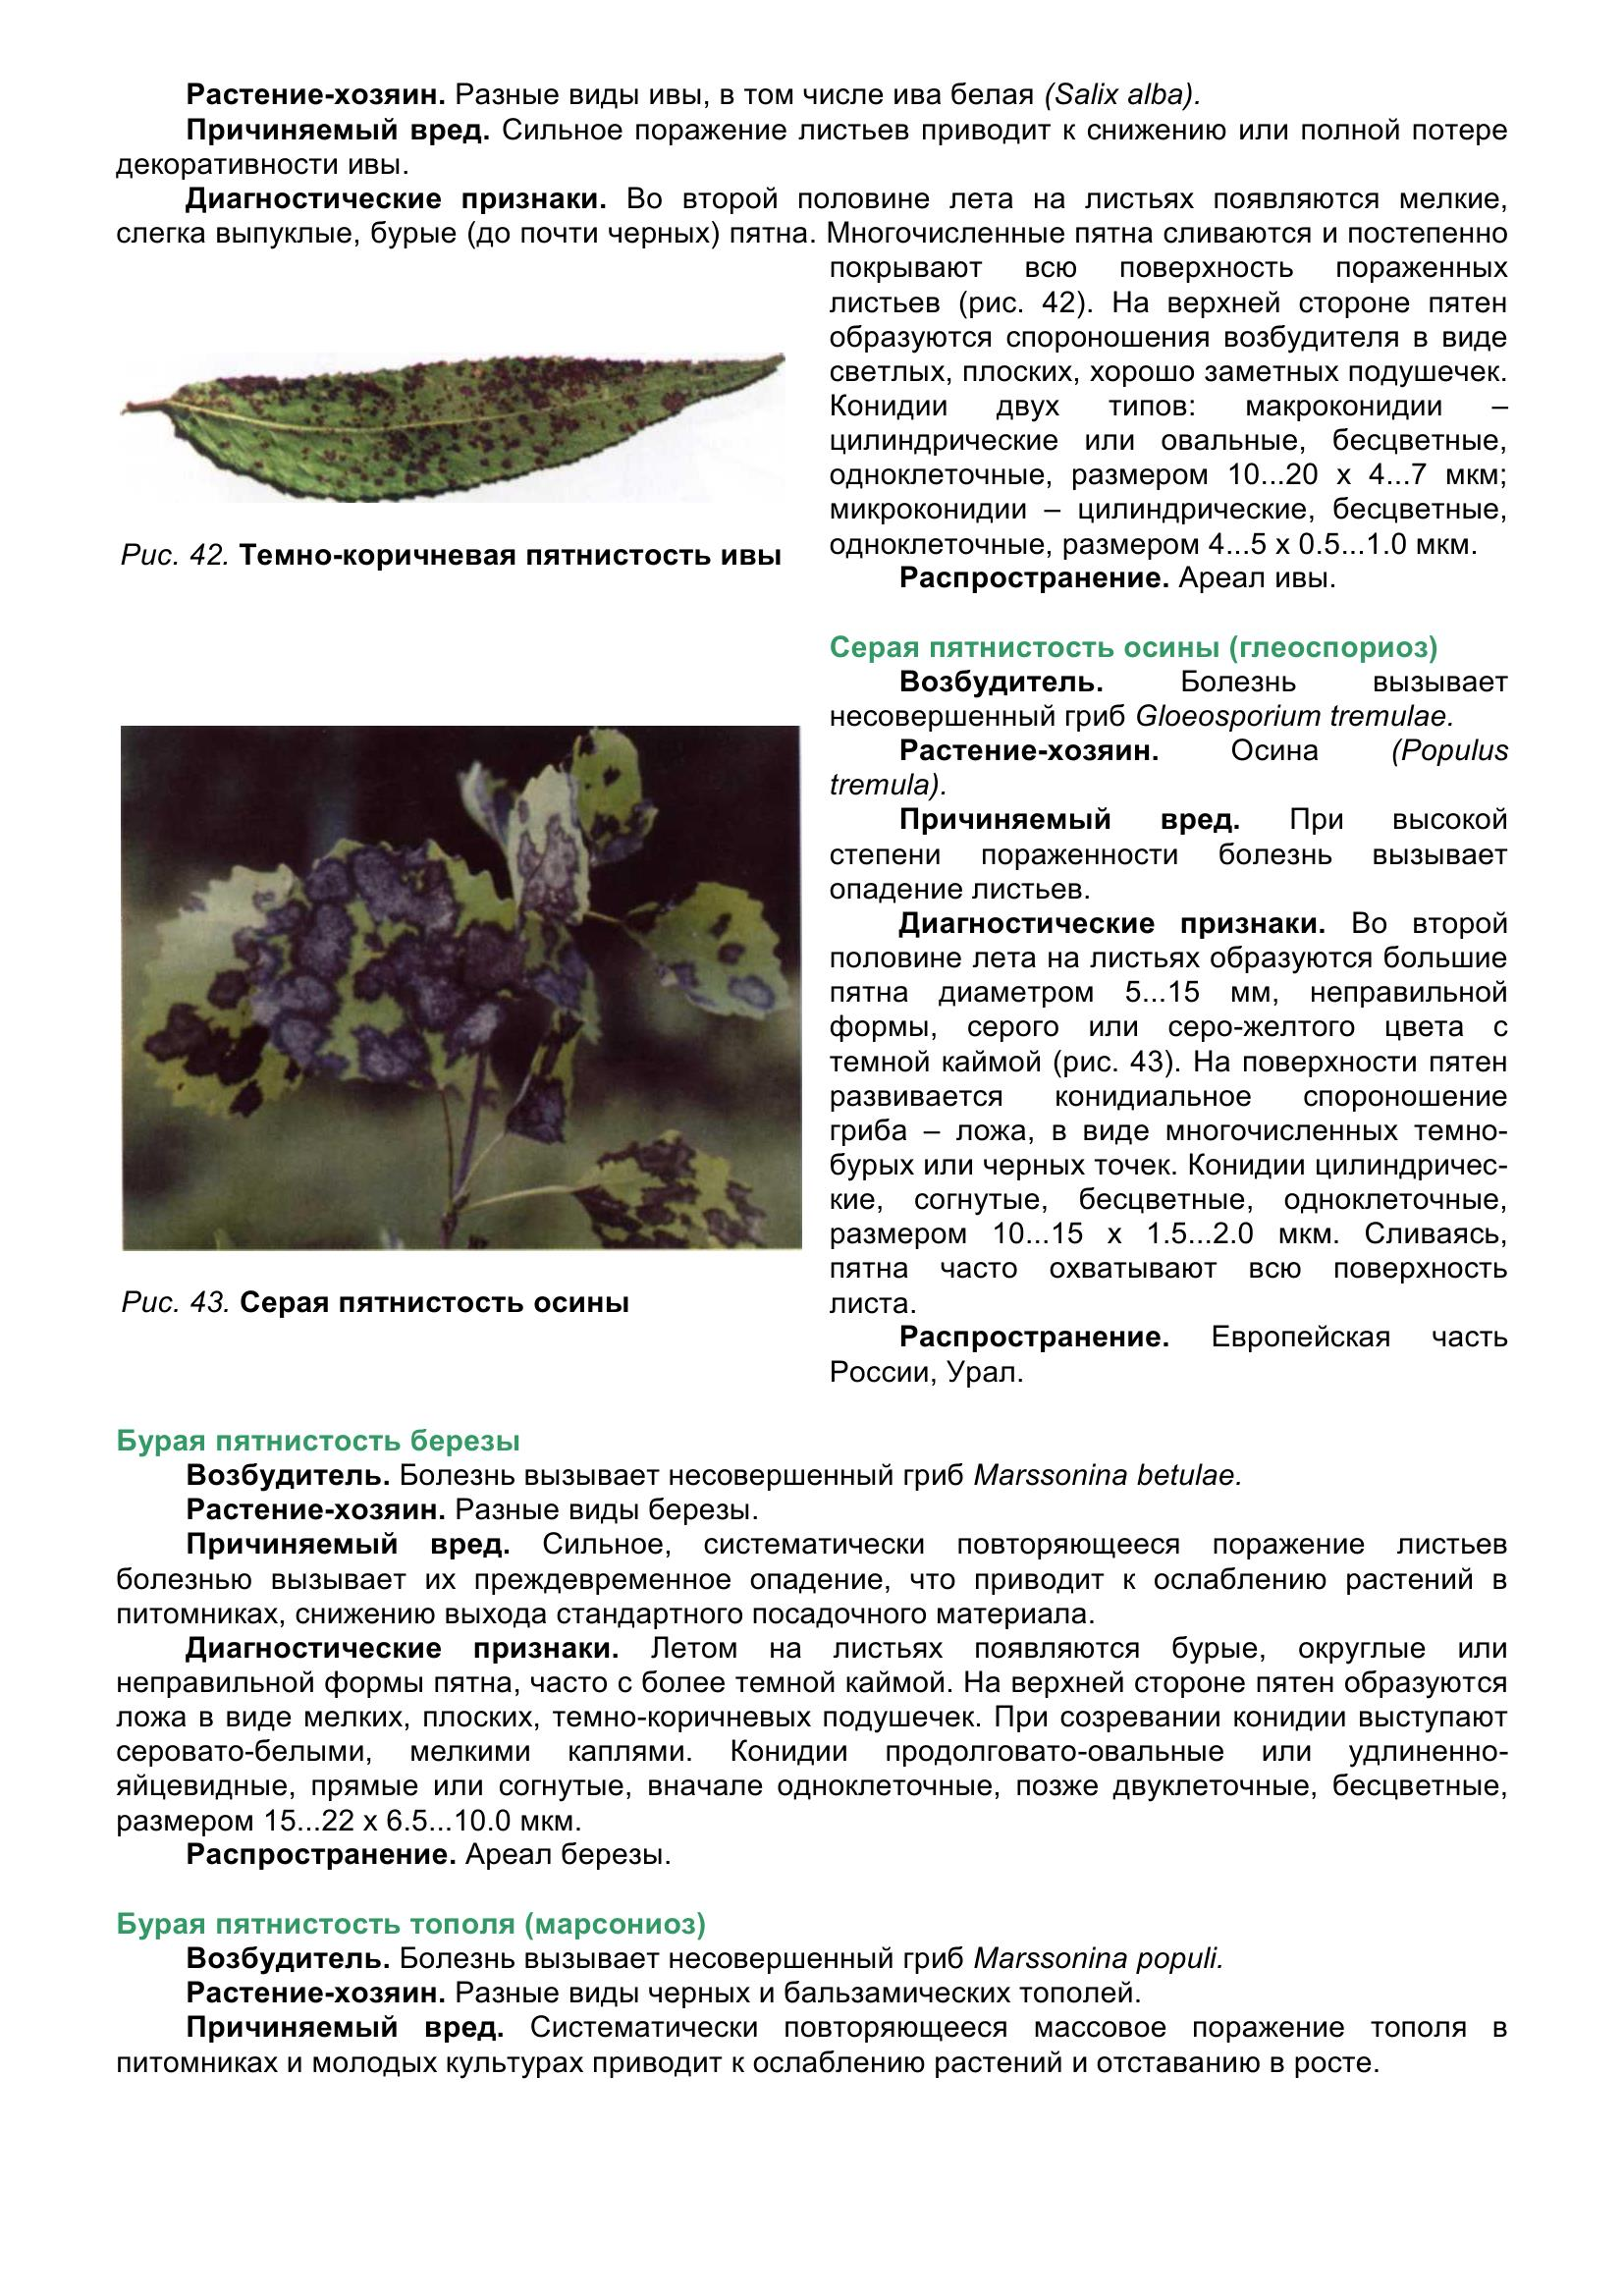 Болезни_древесных_растений_056.jpg